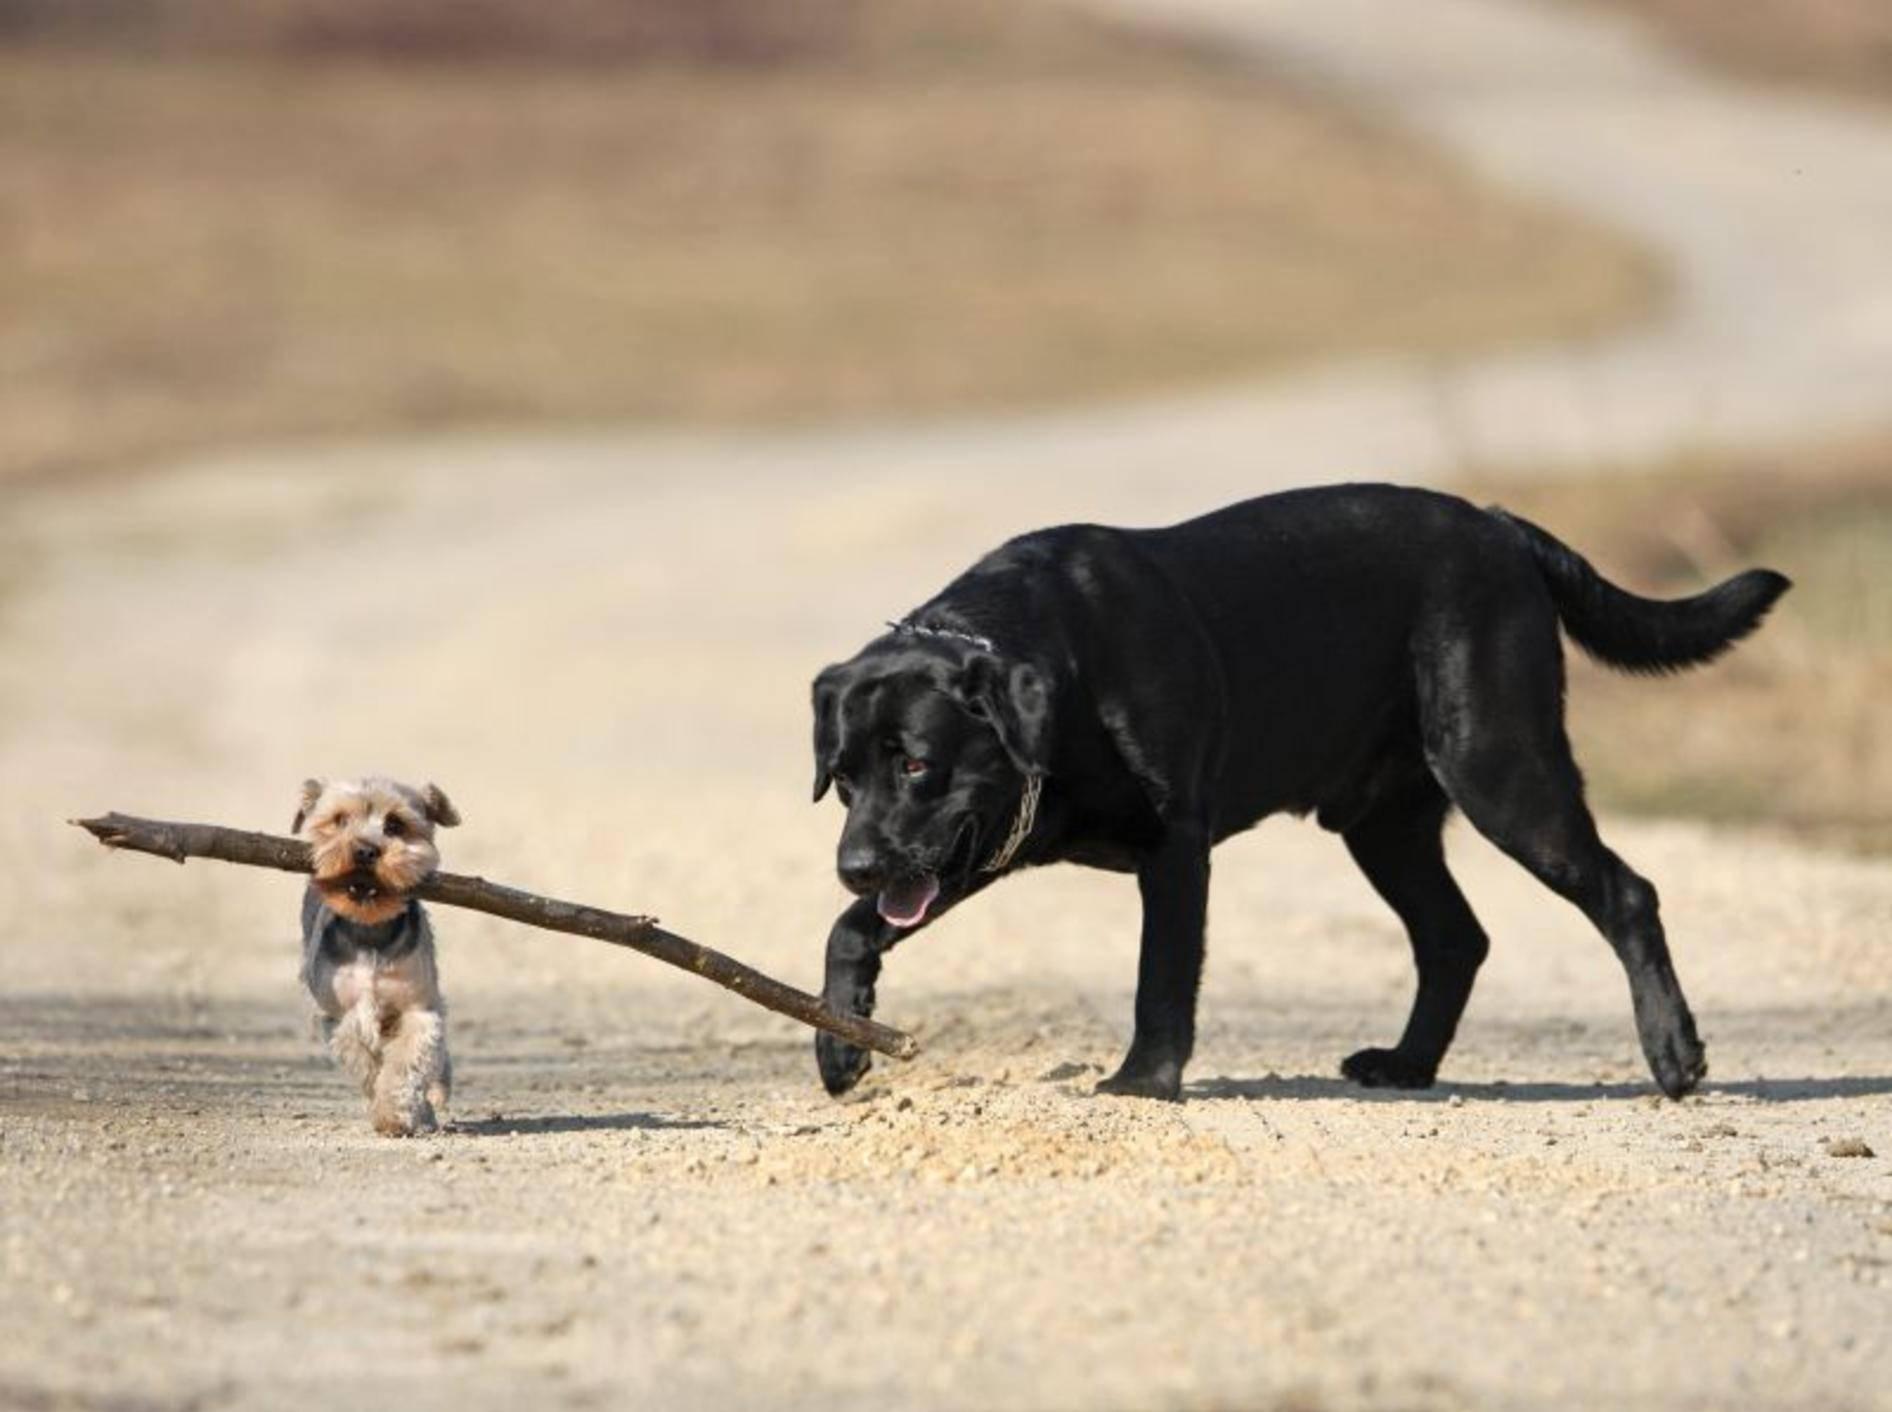 Yorkshire Terrier spielt mit Labrador Retriever — Bild: Shutterstock / Pawel Cebo